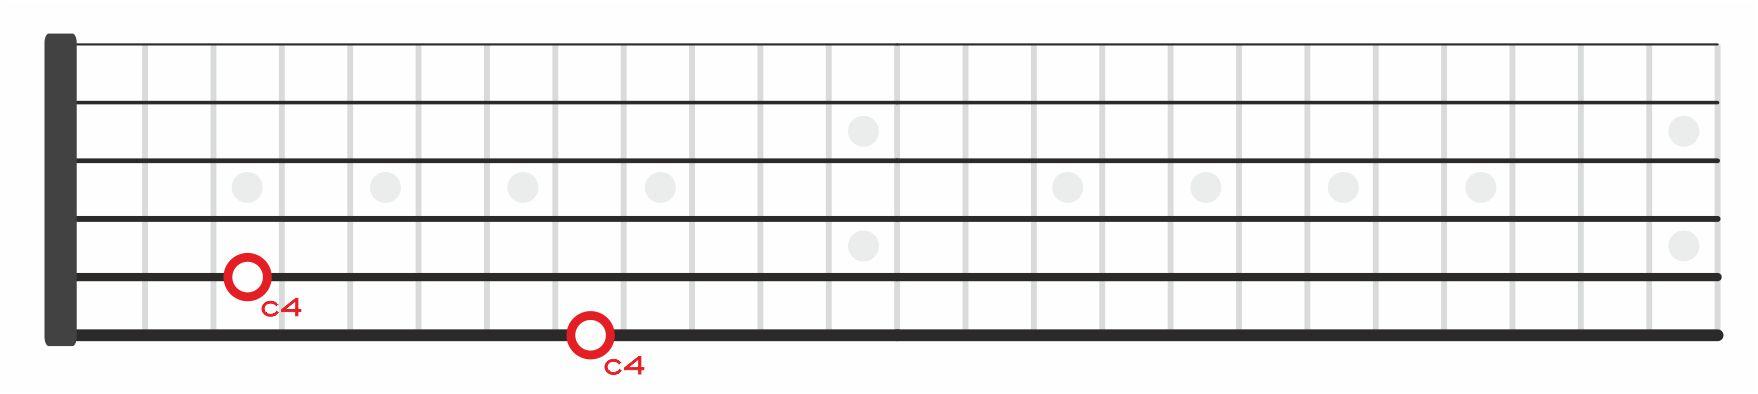 c4 do cuatro en el diapason de la guitarra notas